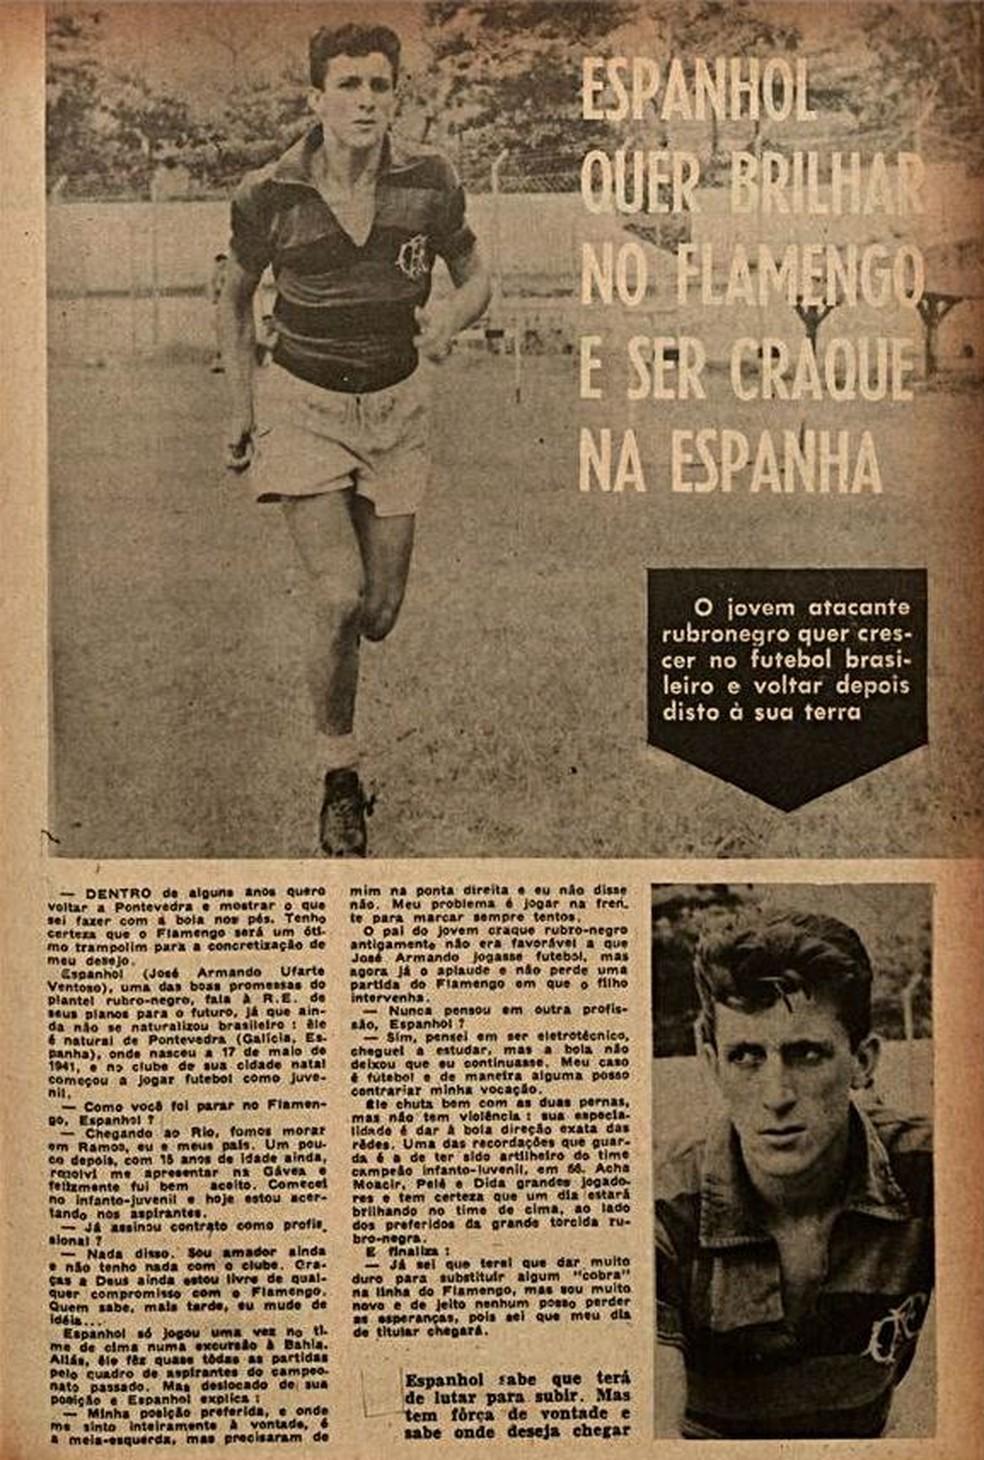 """José Ufarte, o """"Espanhol"""", em matéria da Revista do Esporte em 1961 — Foto: Reprodução / Revista do Esporte"""